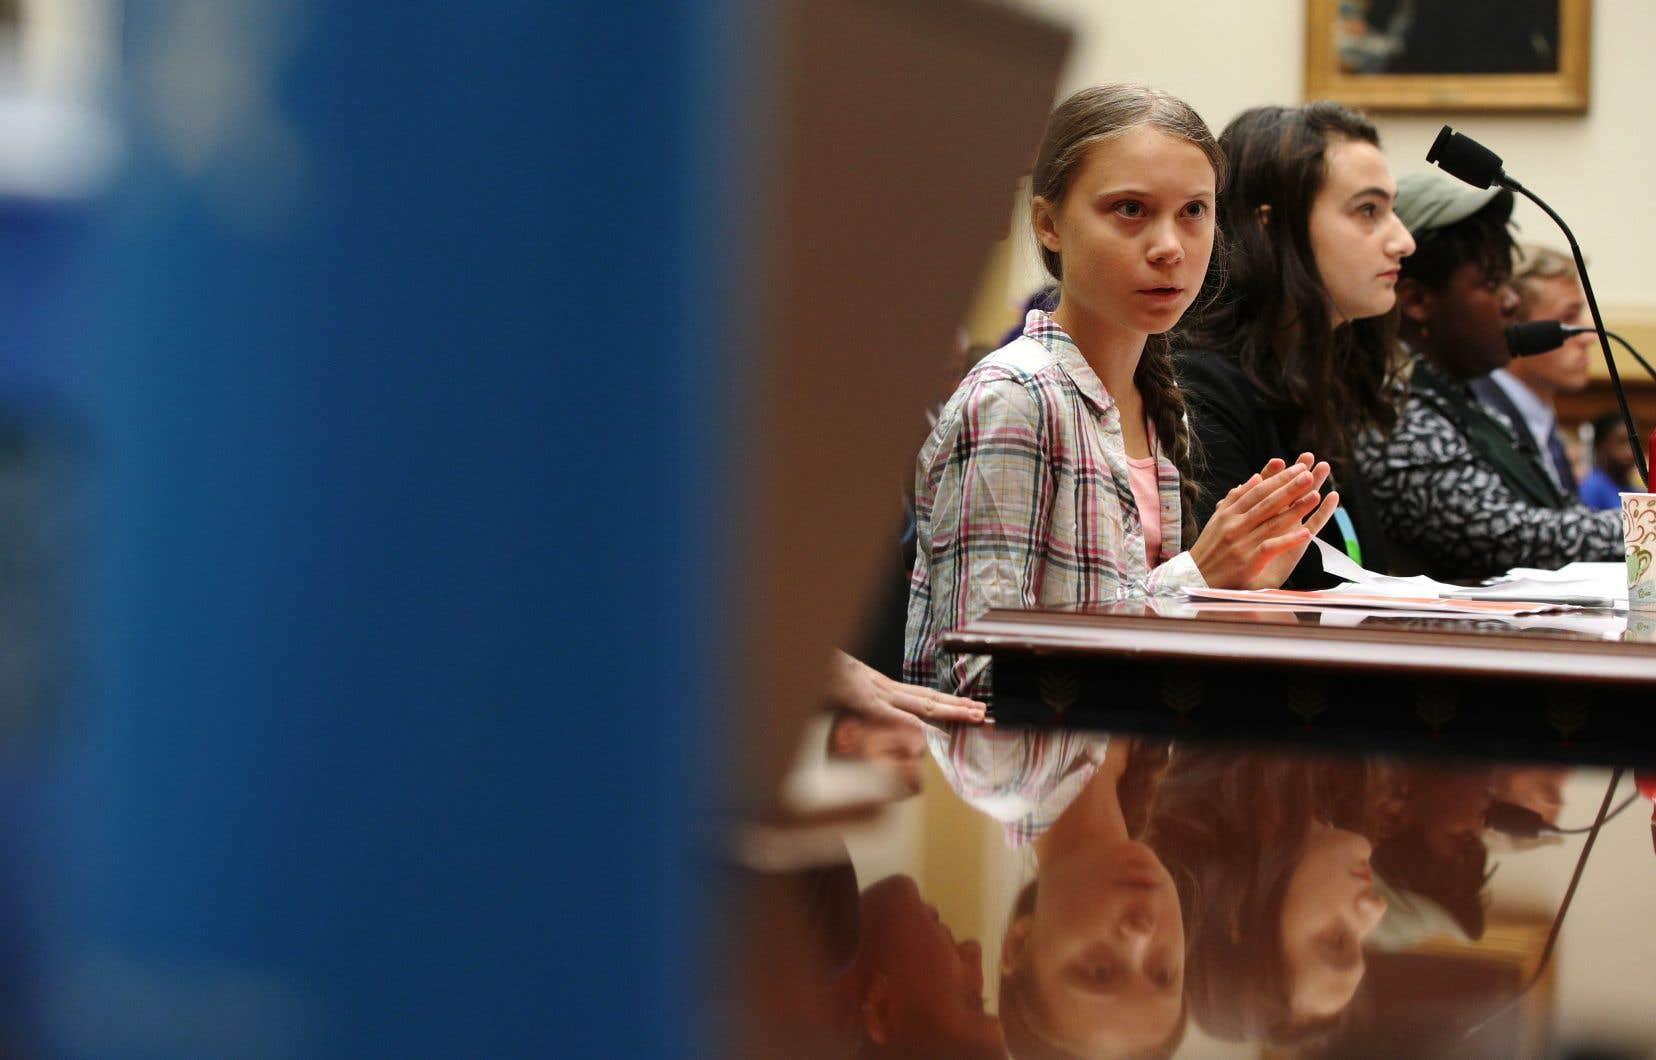 <p>«Je veux que vous écoutiez les scientifiques. Et je veux que vous vous unissiez derrière la science», a déclaré Greta Thunberg avant d'ajouter, sans appel:«Et ensuite, je veux que vous agissiez réellement».</p>